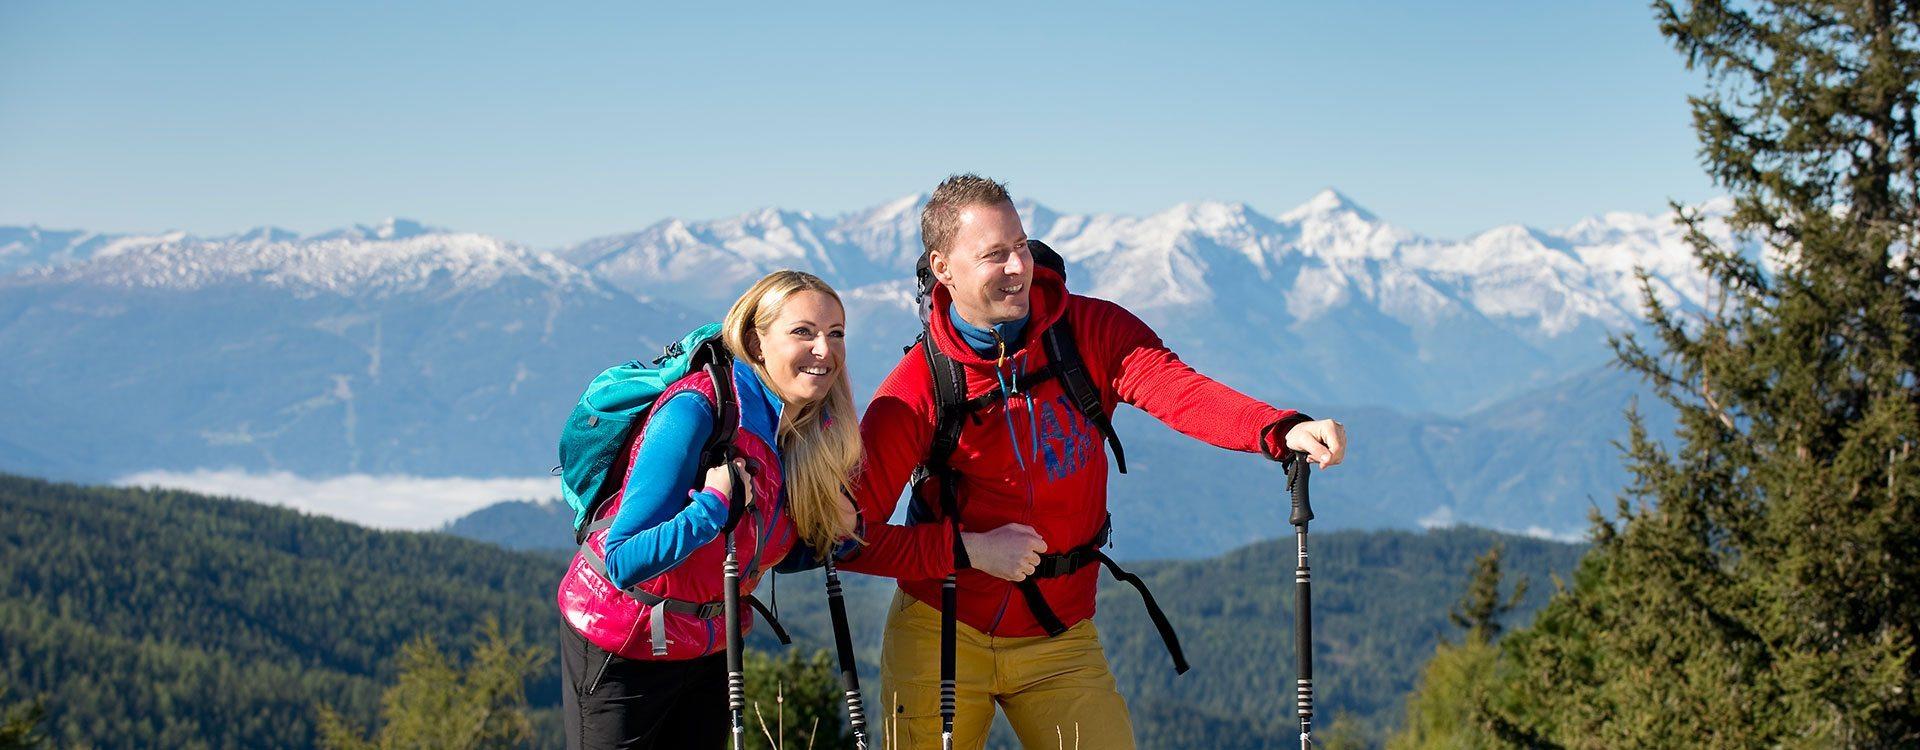 Sommer- & Wanderurlaub im Lungau, Salzburger Land